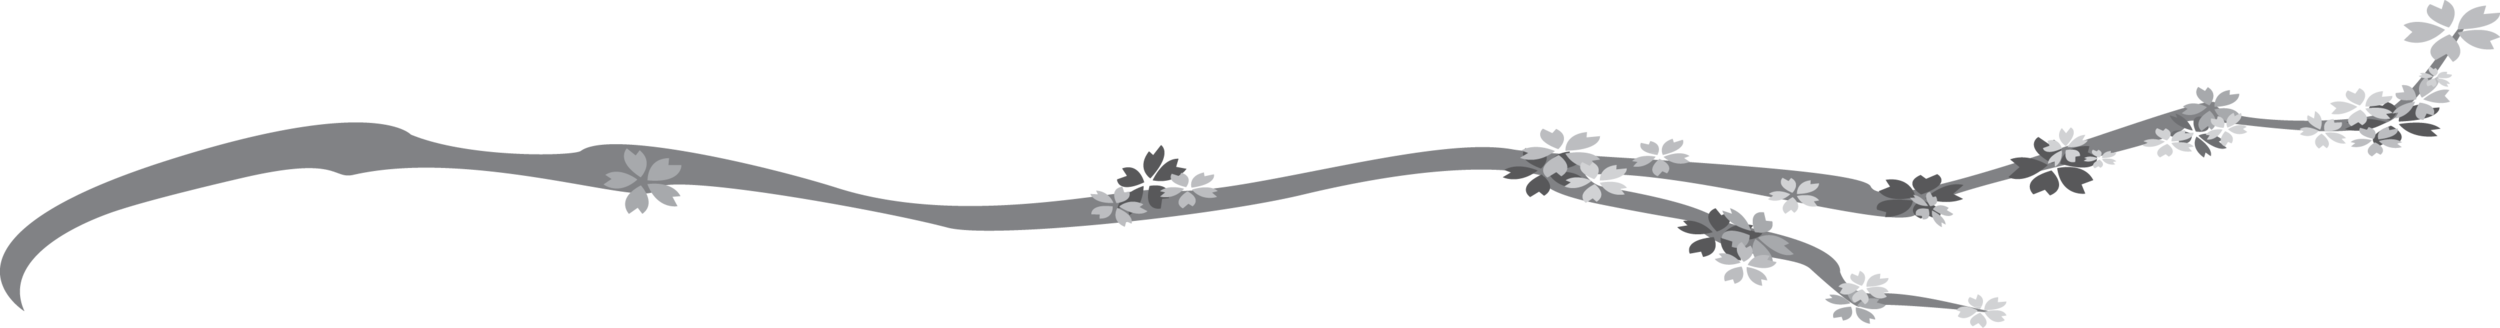 Cherry Branch Portfolio v2.png